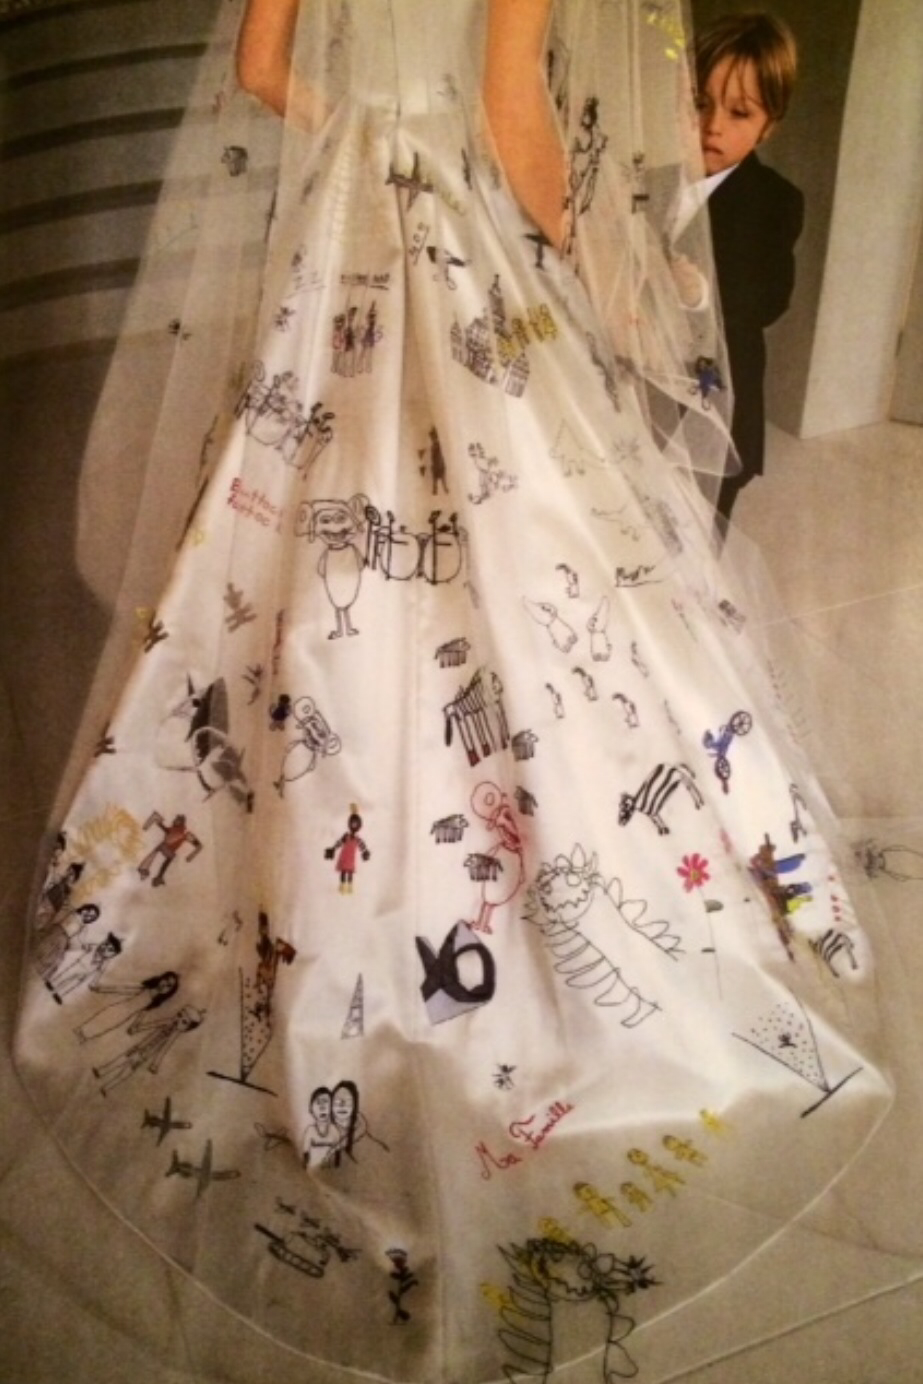 Drawn wedding dress angelina jolie #3